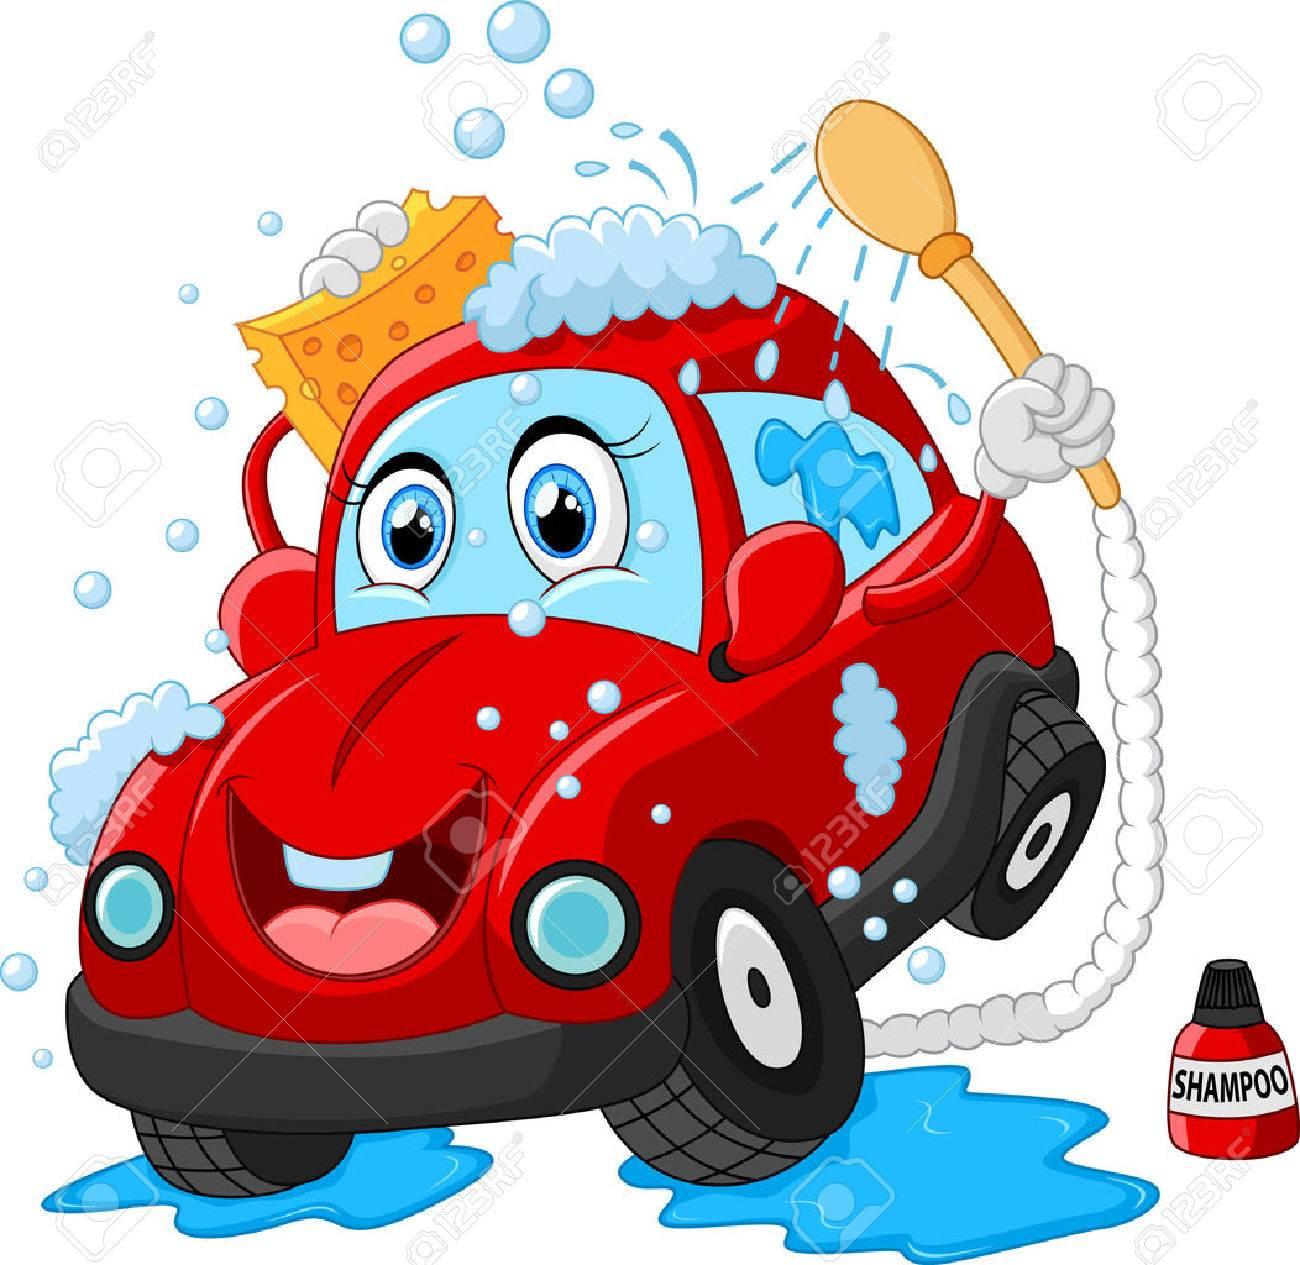 Cartoon Car Wash Character Royalty Free Cliparts Vectors And Stock Illustration Image 45880431